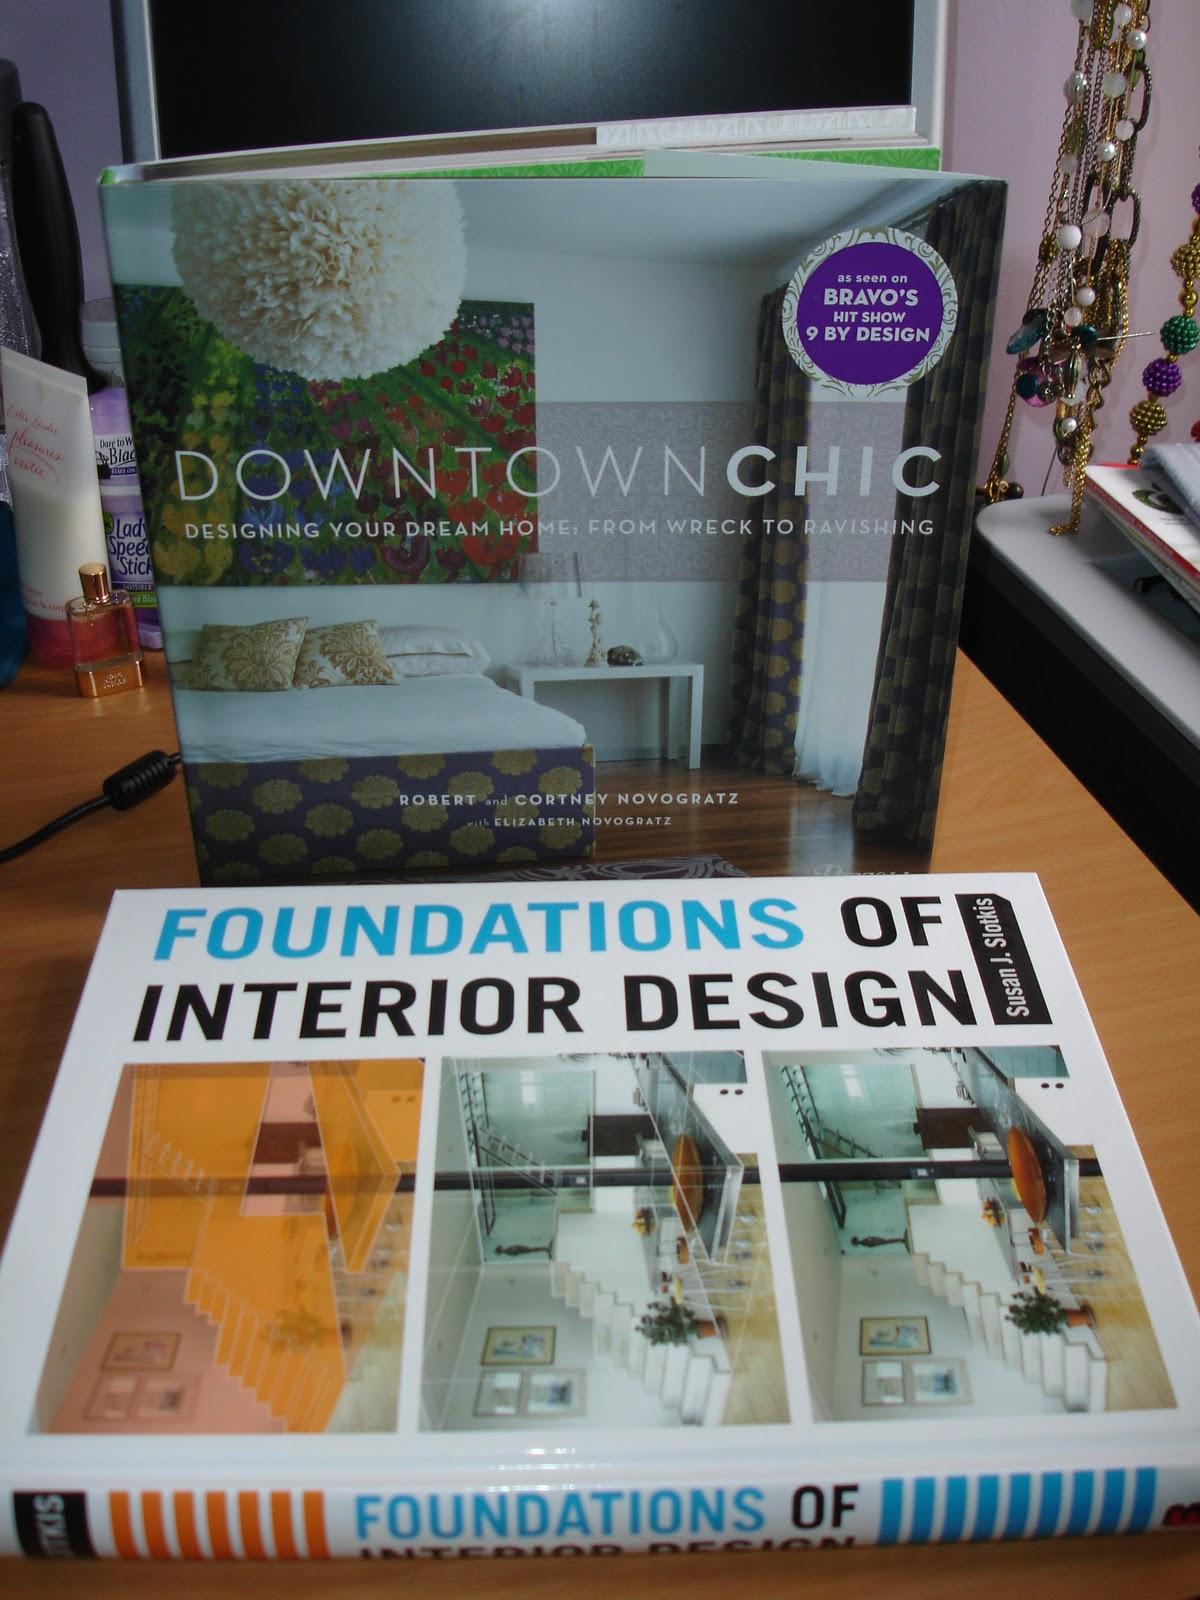 Love food fashion decor interior design for dummies - Interior design for dummies ...